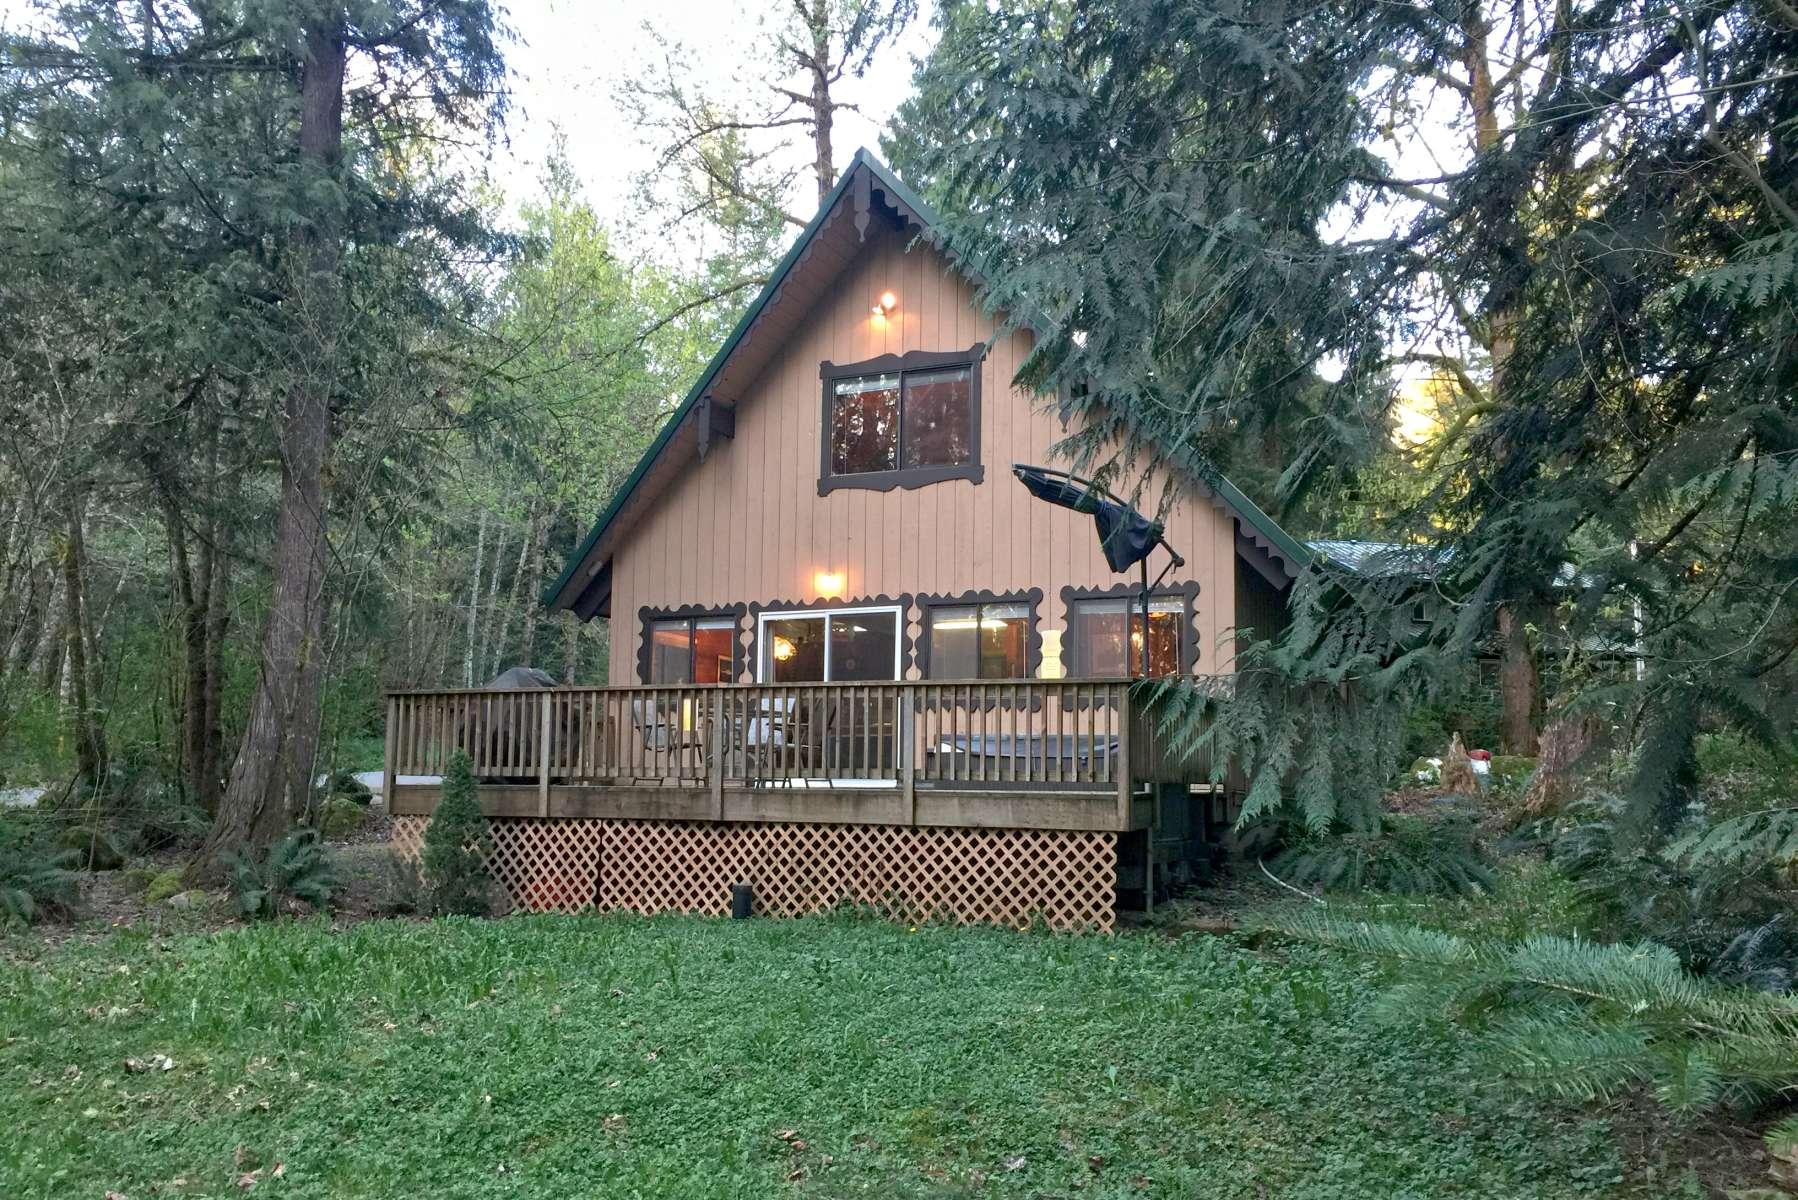 Mt baker lodging cabin 22 mt baker lodging wa 30 for Mount baker cabins